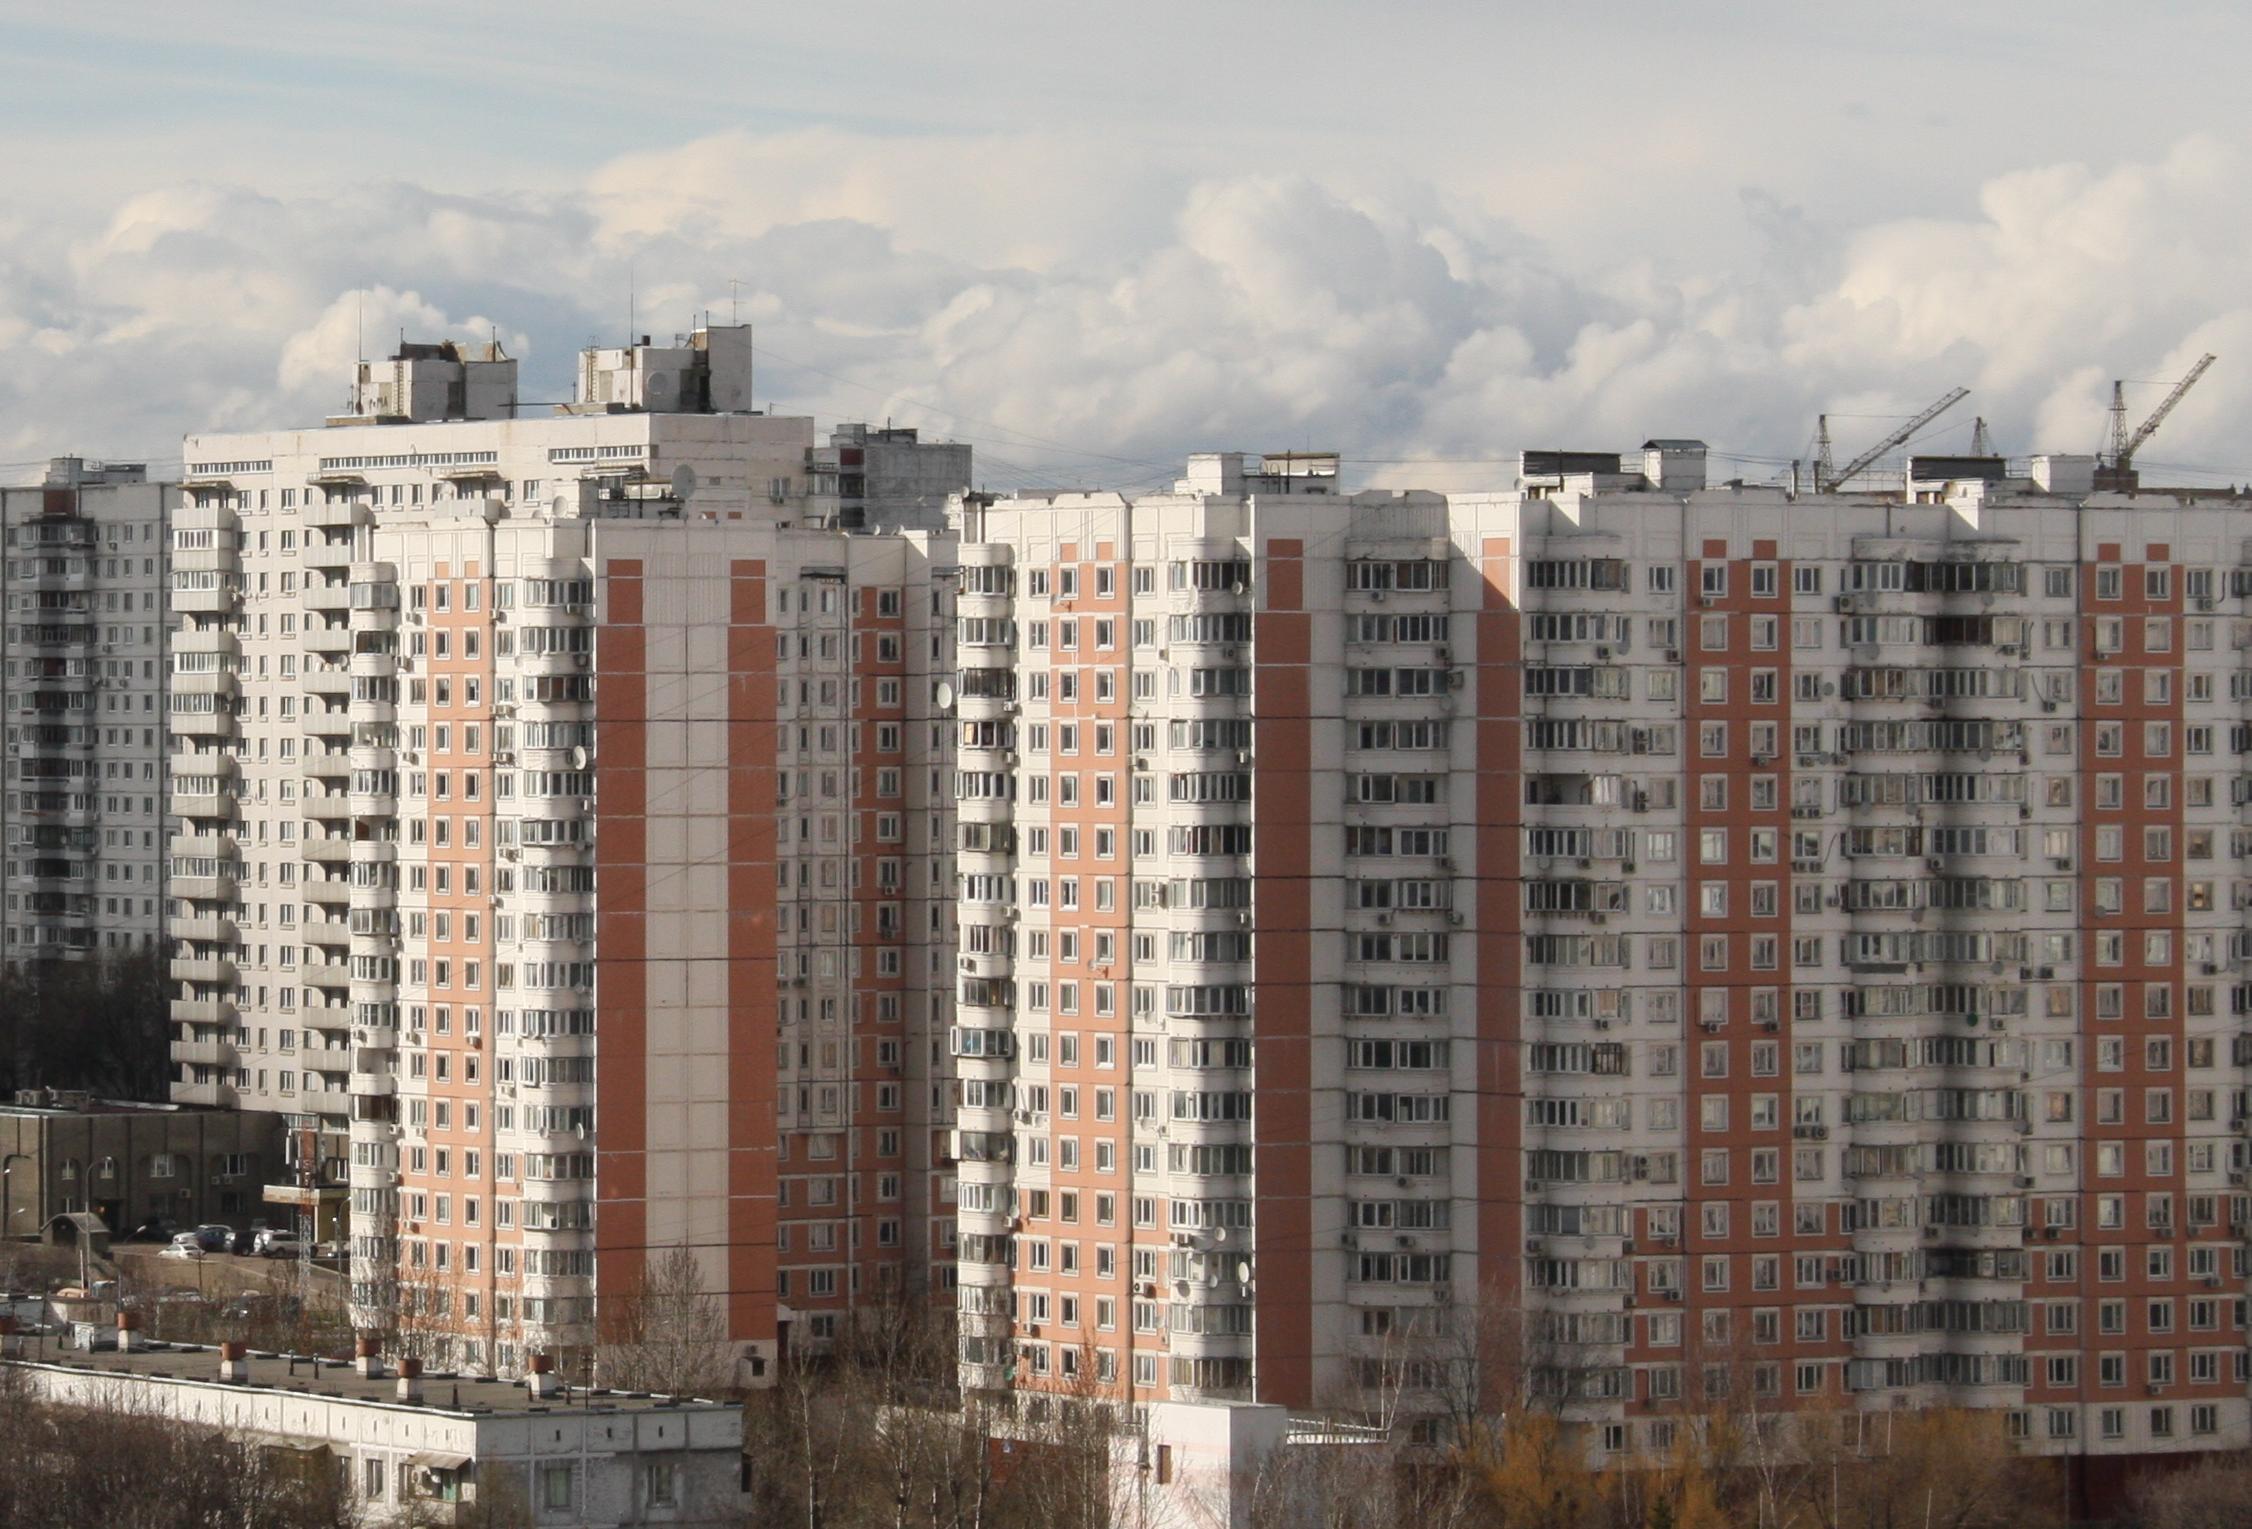 купить двухкомнатную или трехкомнатную квартиру в Отрадном